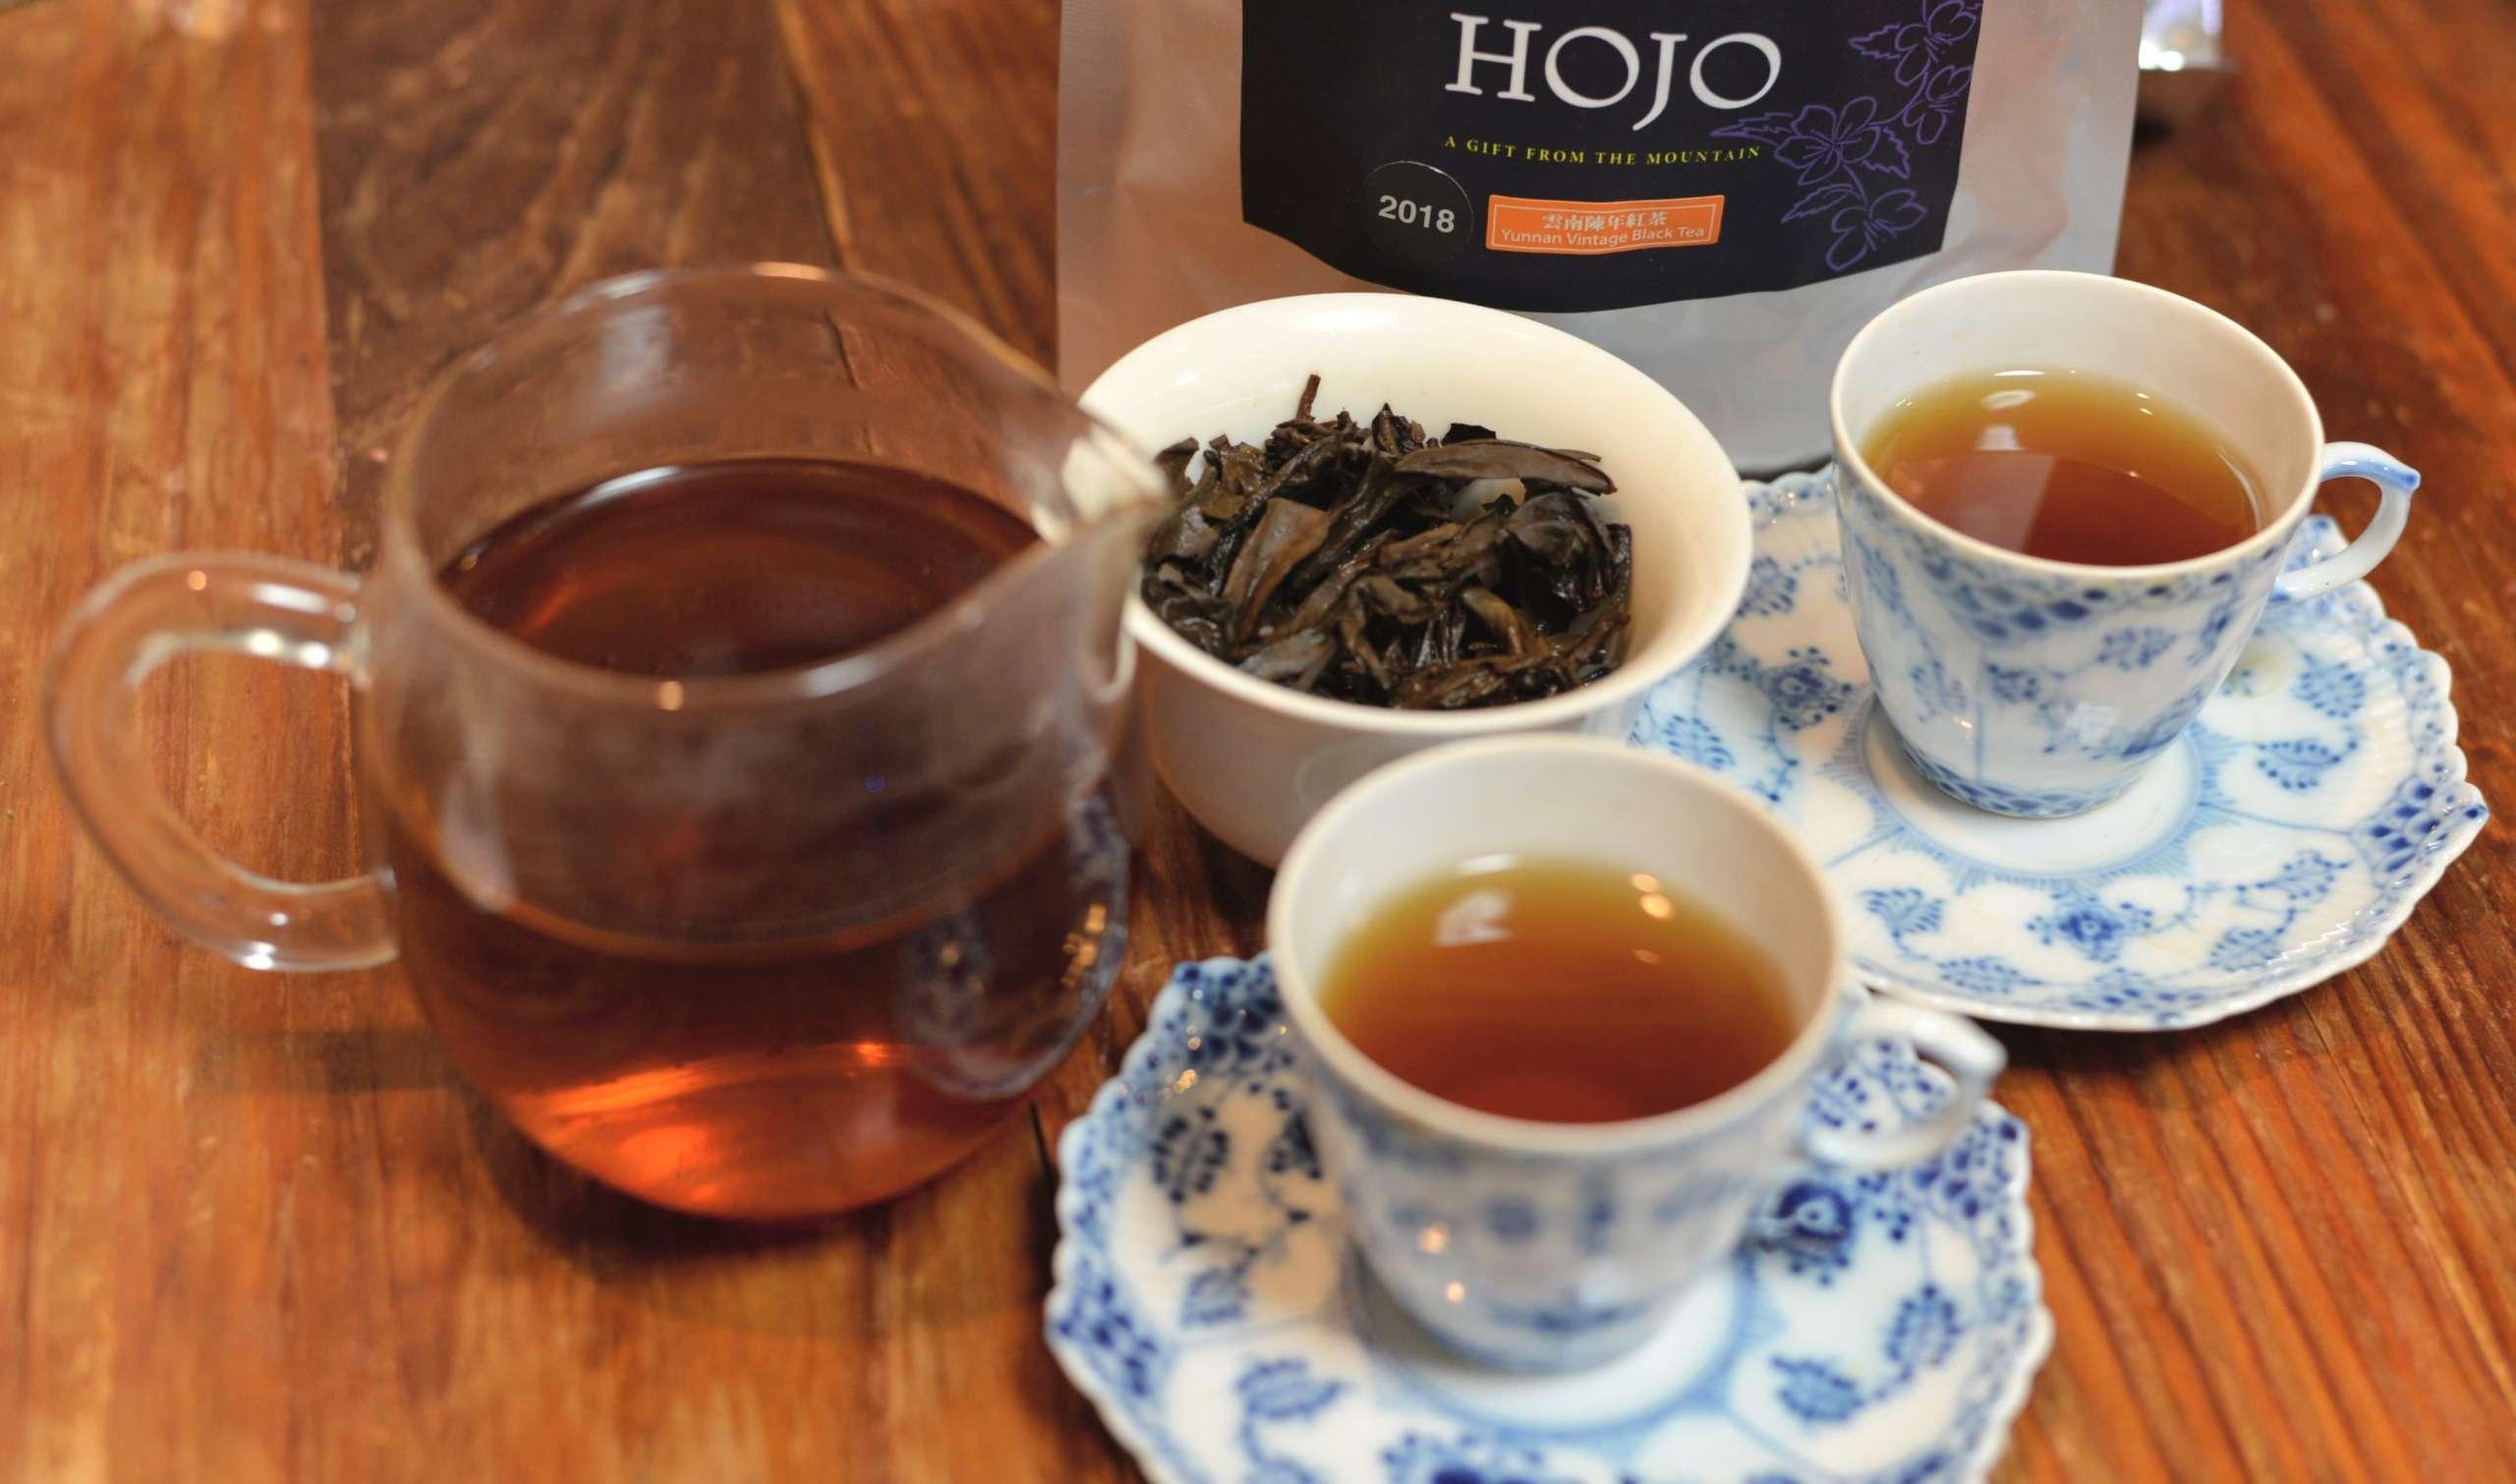 雲南陳年紅茶を飲む